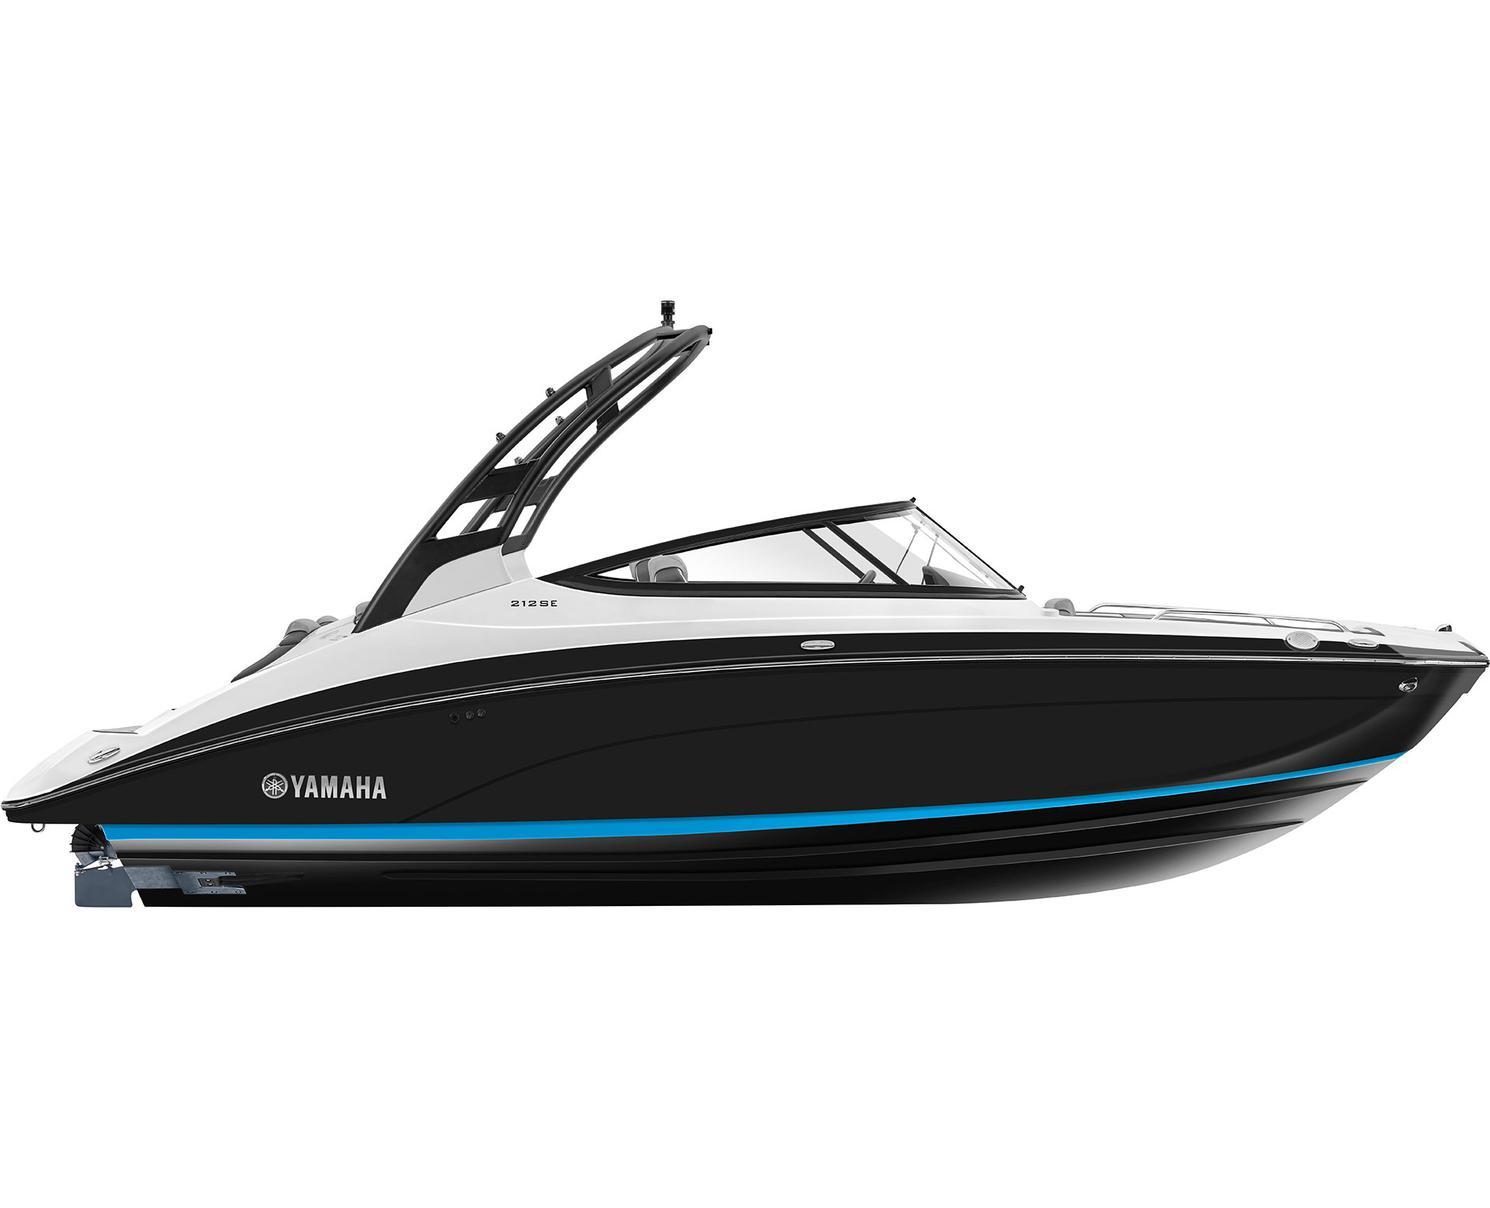 Yamaha 212SE Noir 2021